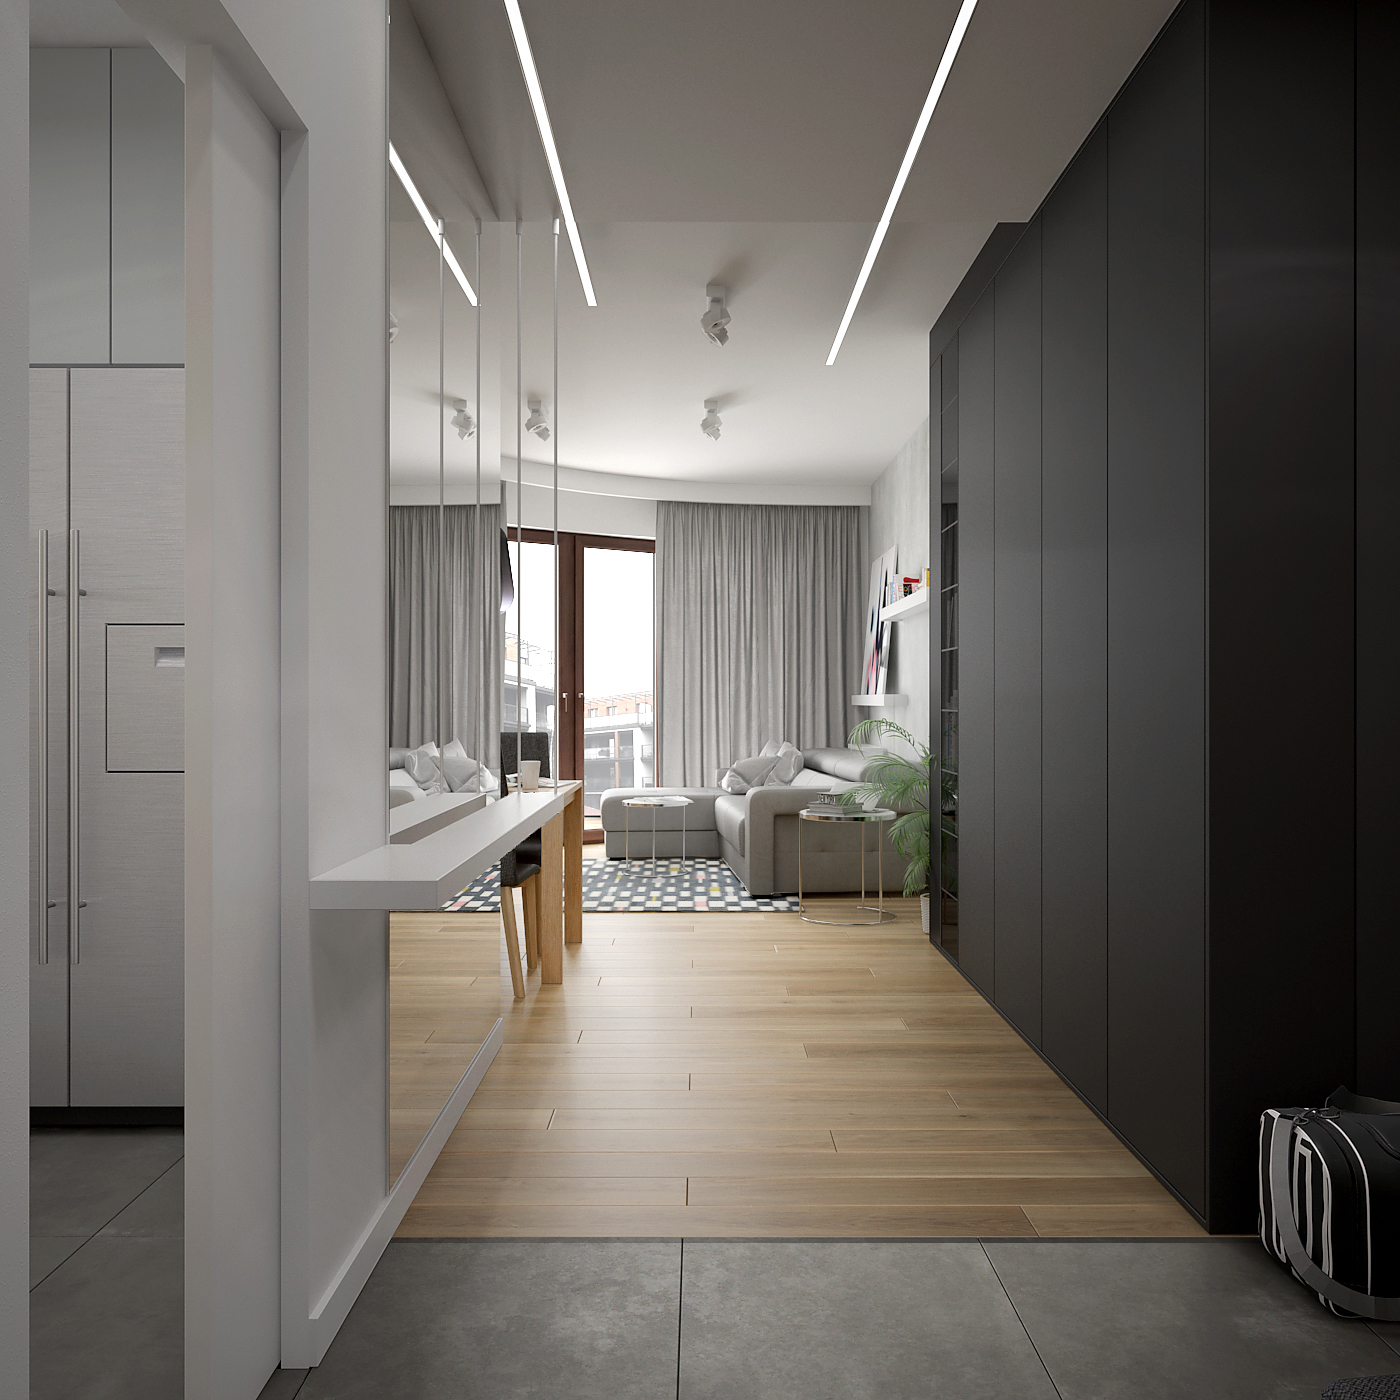 5 projekt wnetrza 537 mieszkanie krakow korytarz czarna zabudowa w przedpokoju duze lustro deska na podlodze